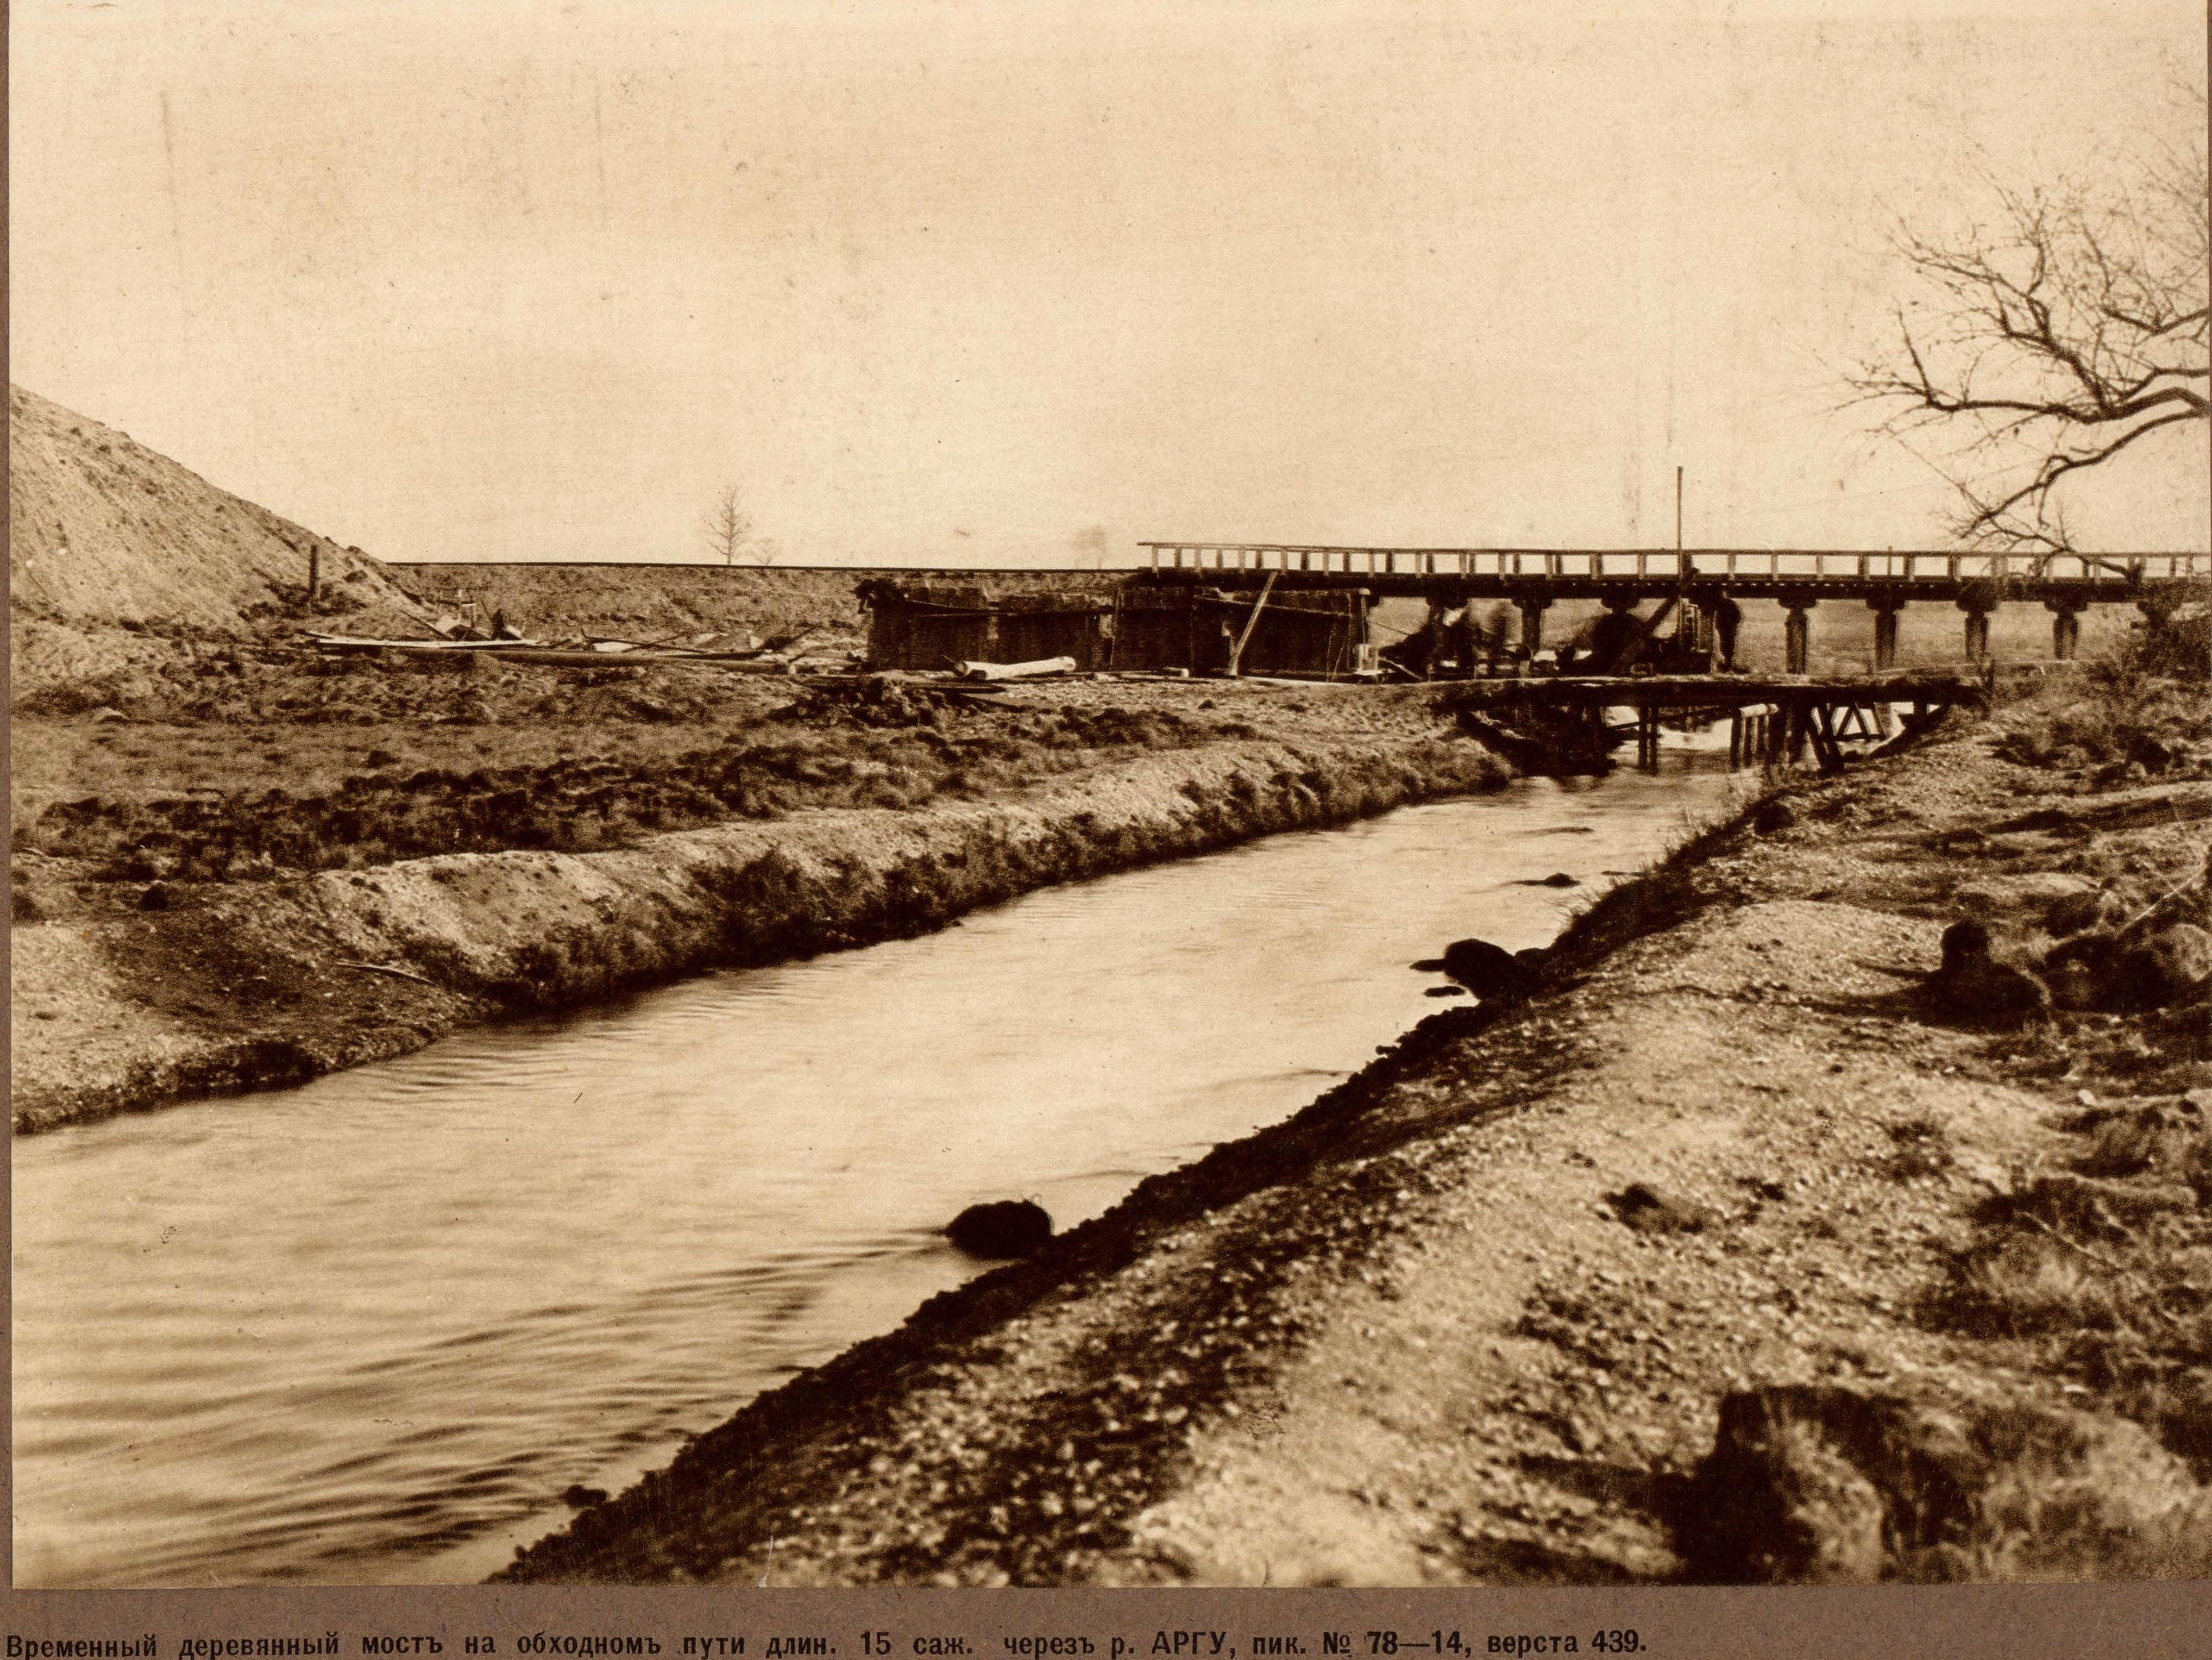 439 верста. Временный деревянный мост на обходном пути длиной 15 саж. через реку Аргу